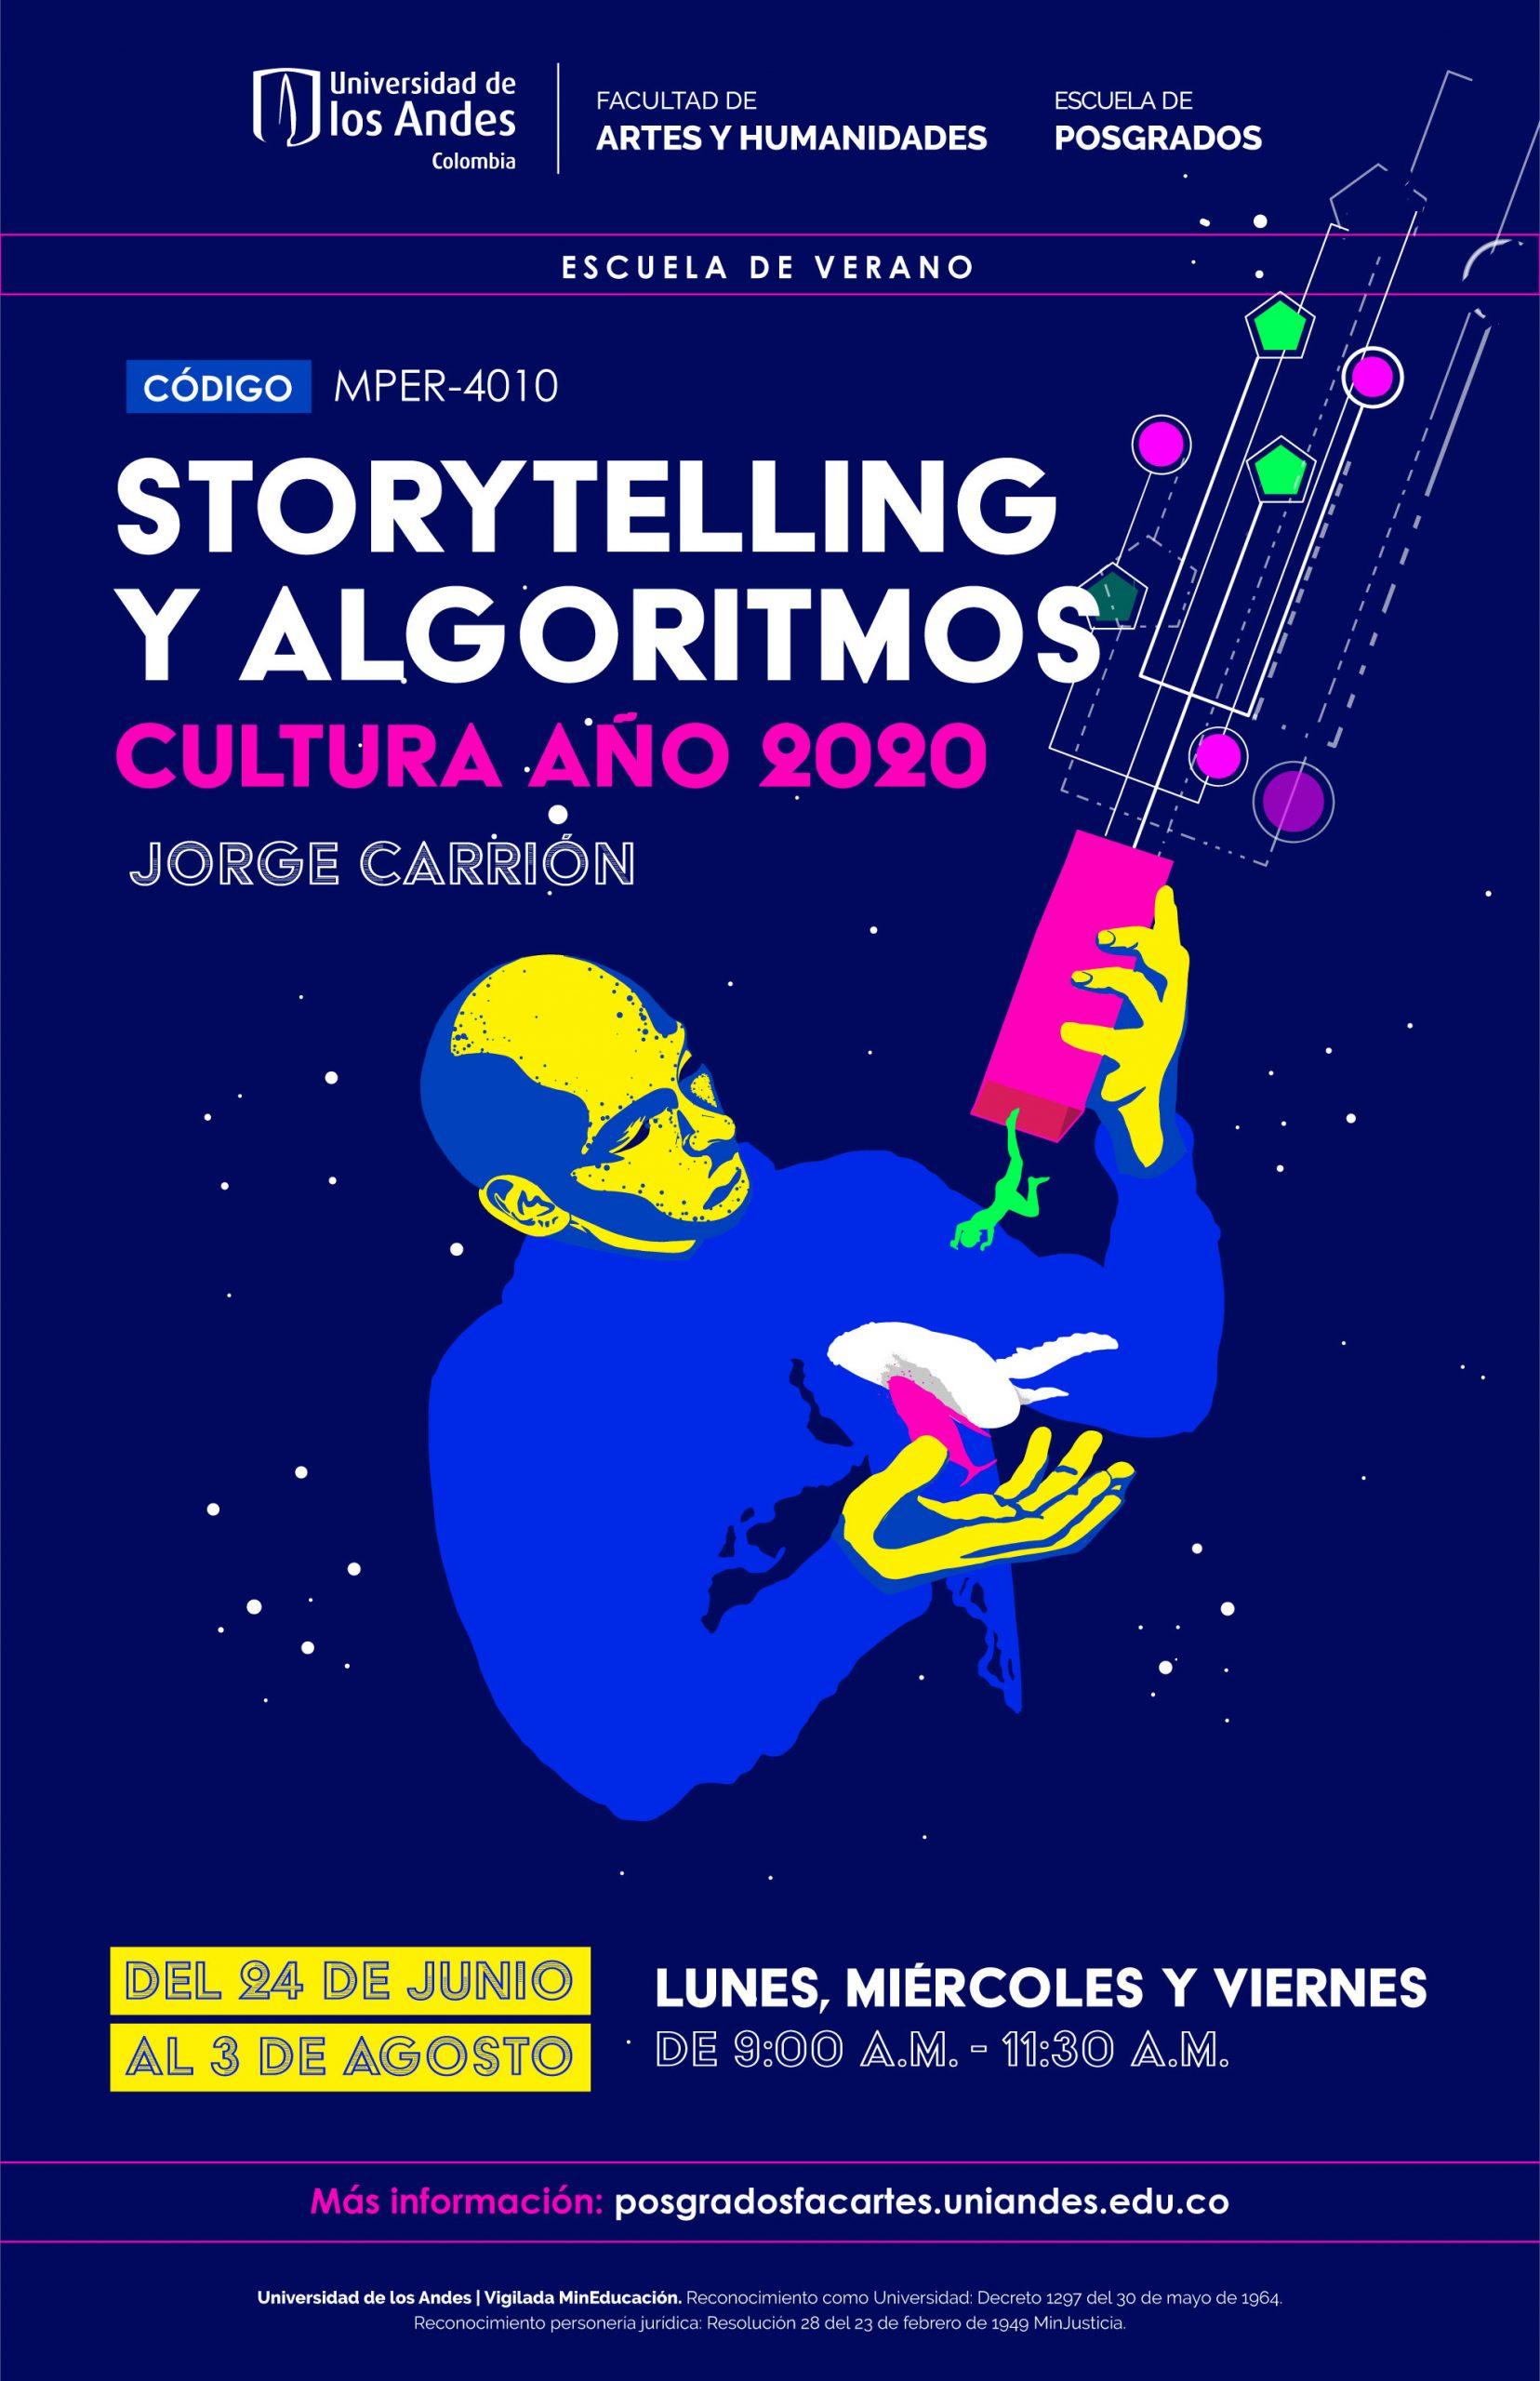 STORYTELLING Y ALGORITMOS: CULTURA AÑO 2020